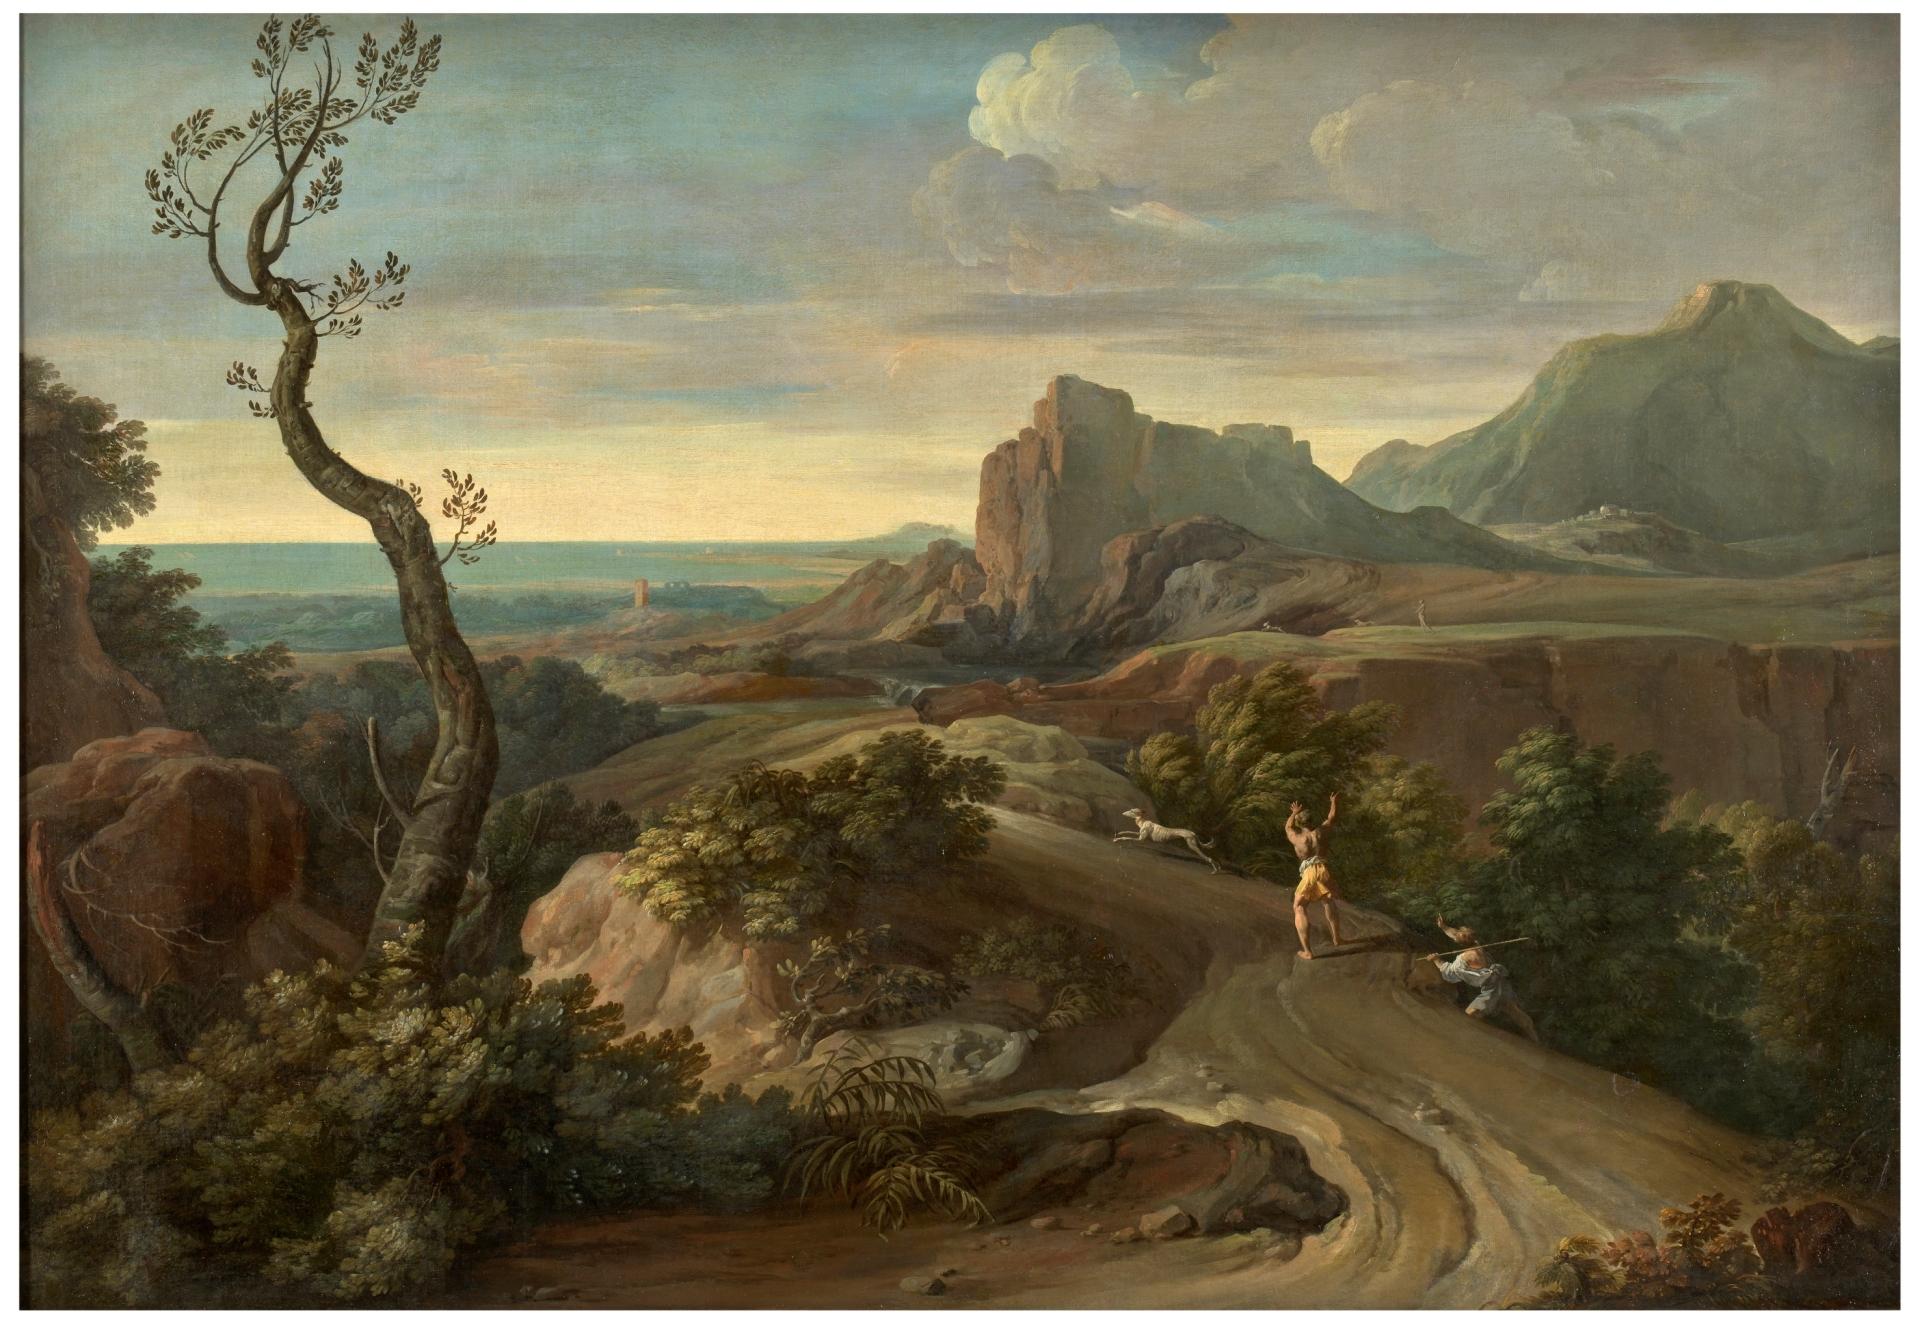 Resultado de imagen de Paisaje con peñasco y árboles - Colección - Museo Nacional del Prado